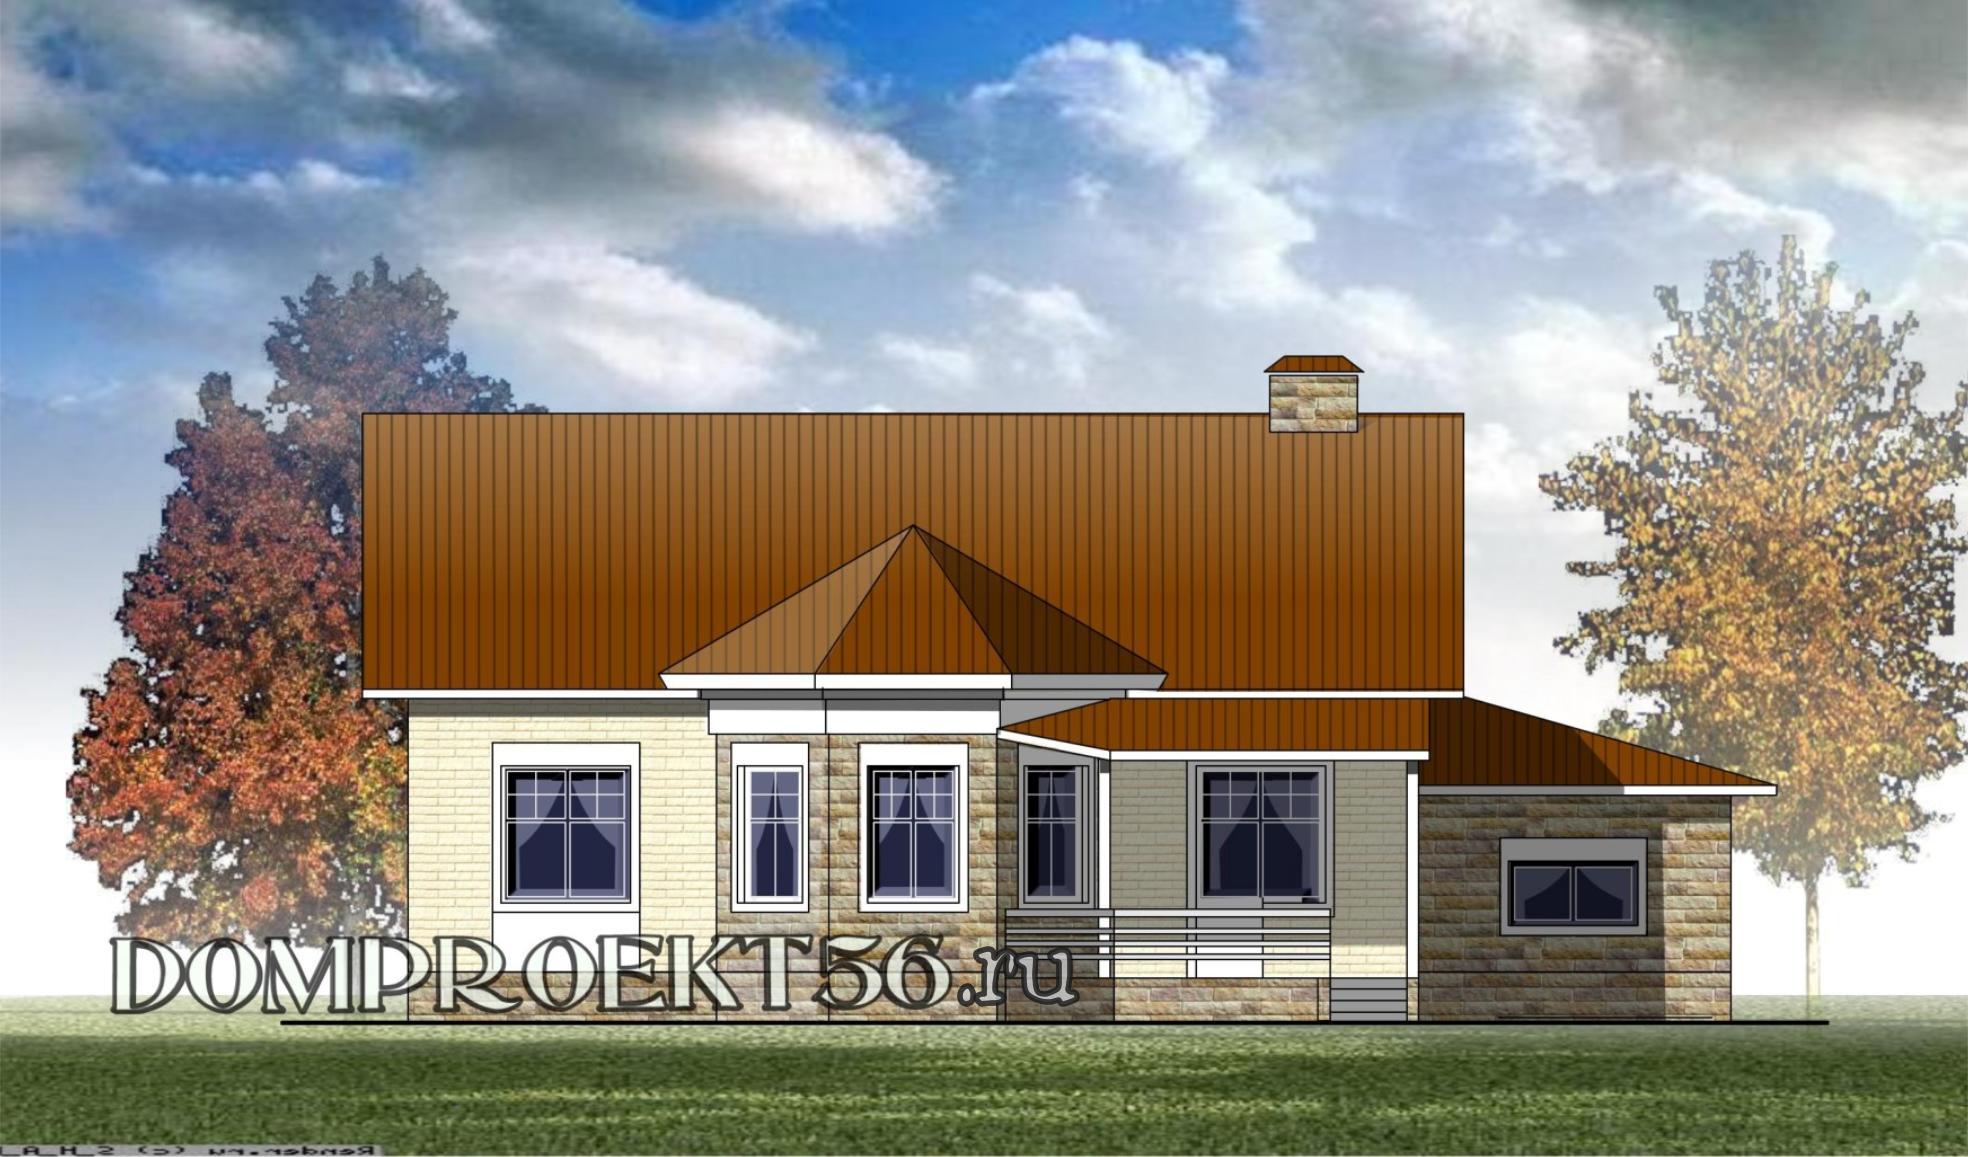 Жилые дома с односкатной крышей в Москве: проекты для